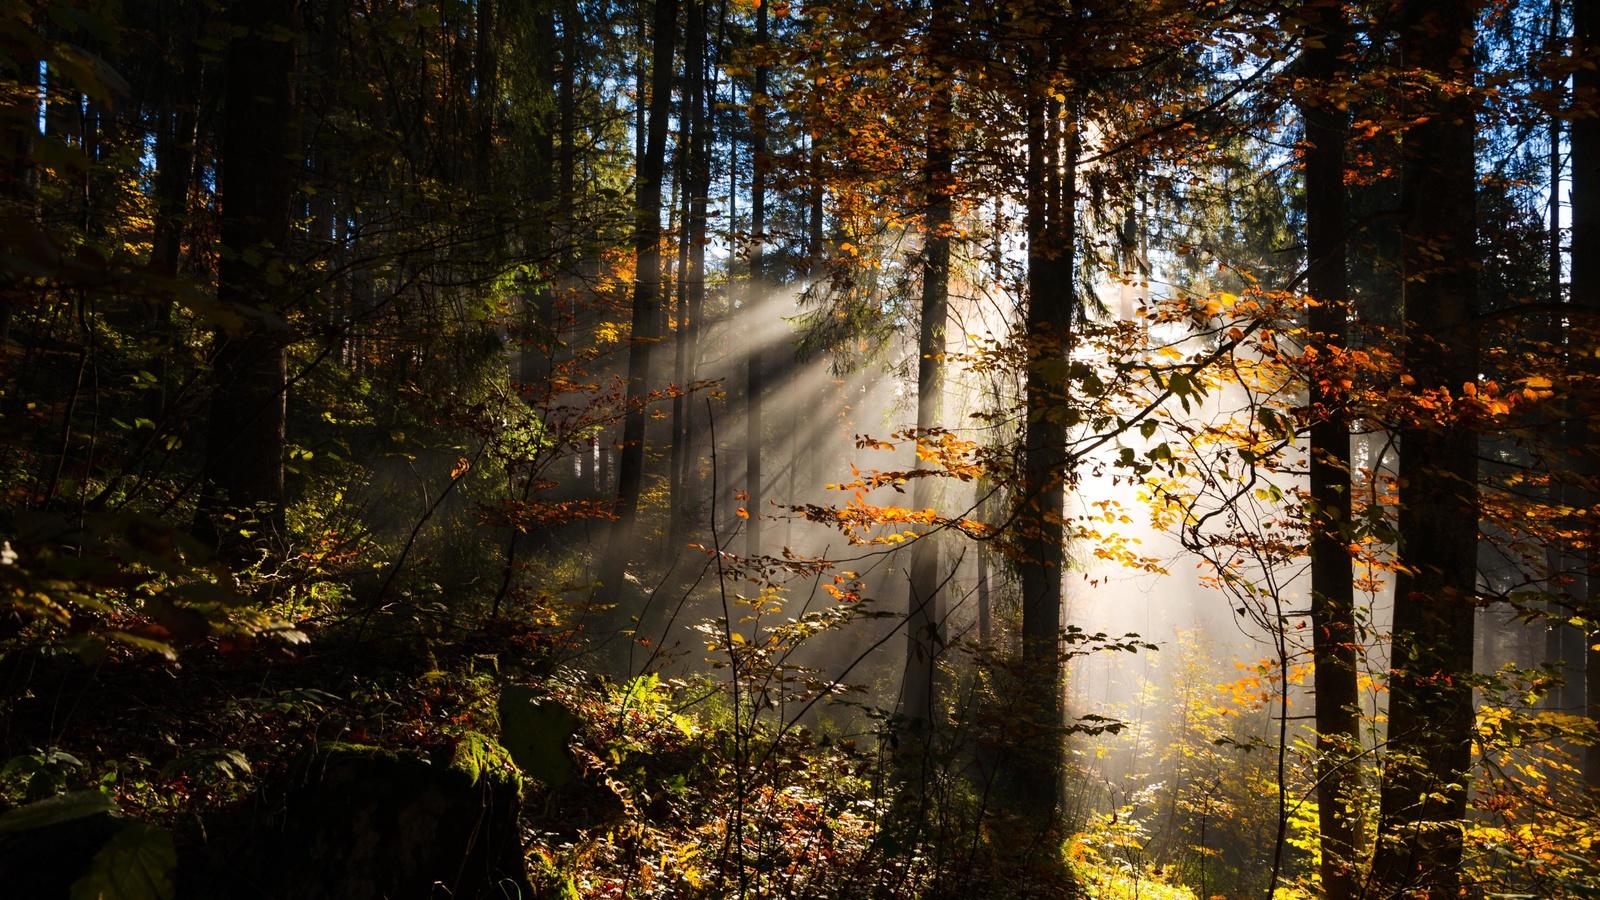 лес, лучи солнца, деревья, листва